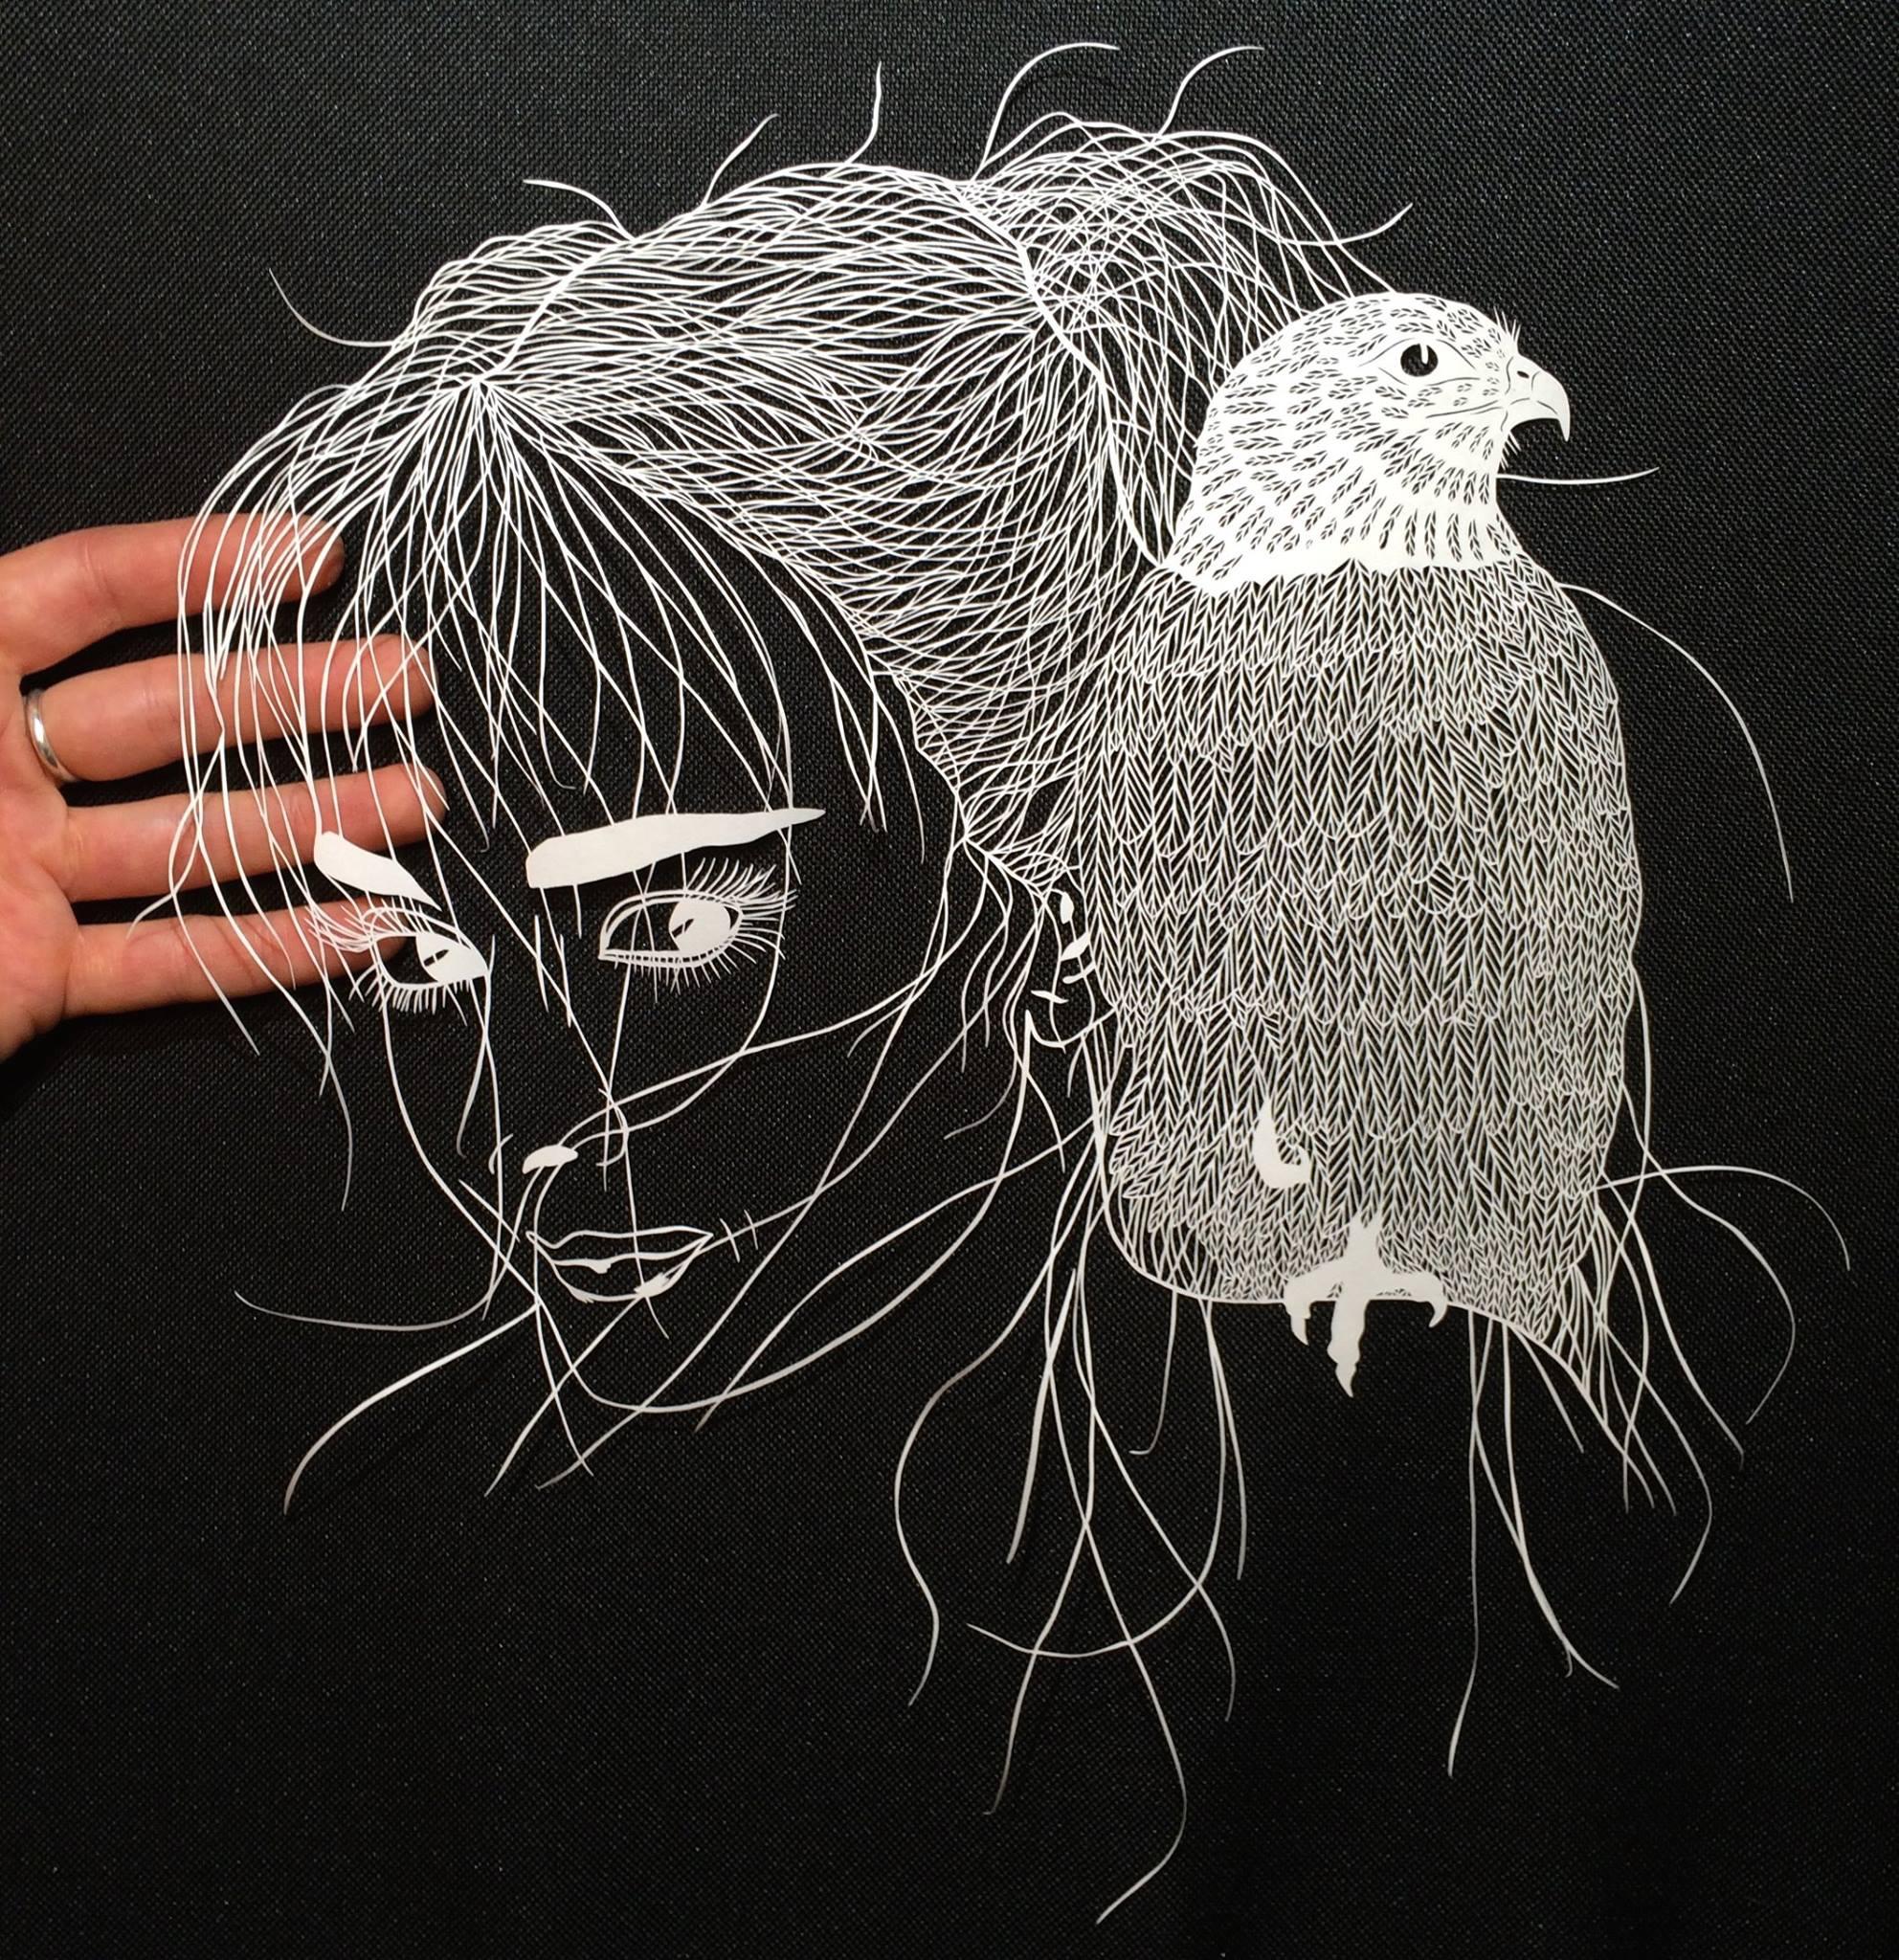 paper cut illustrations 1